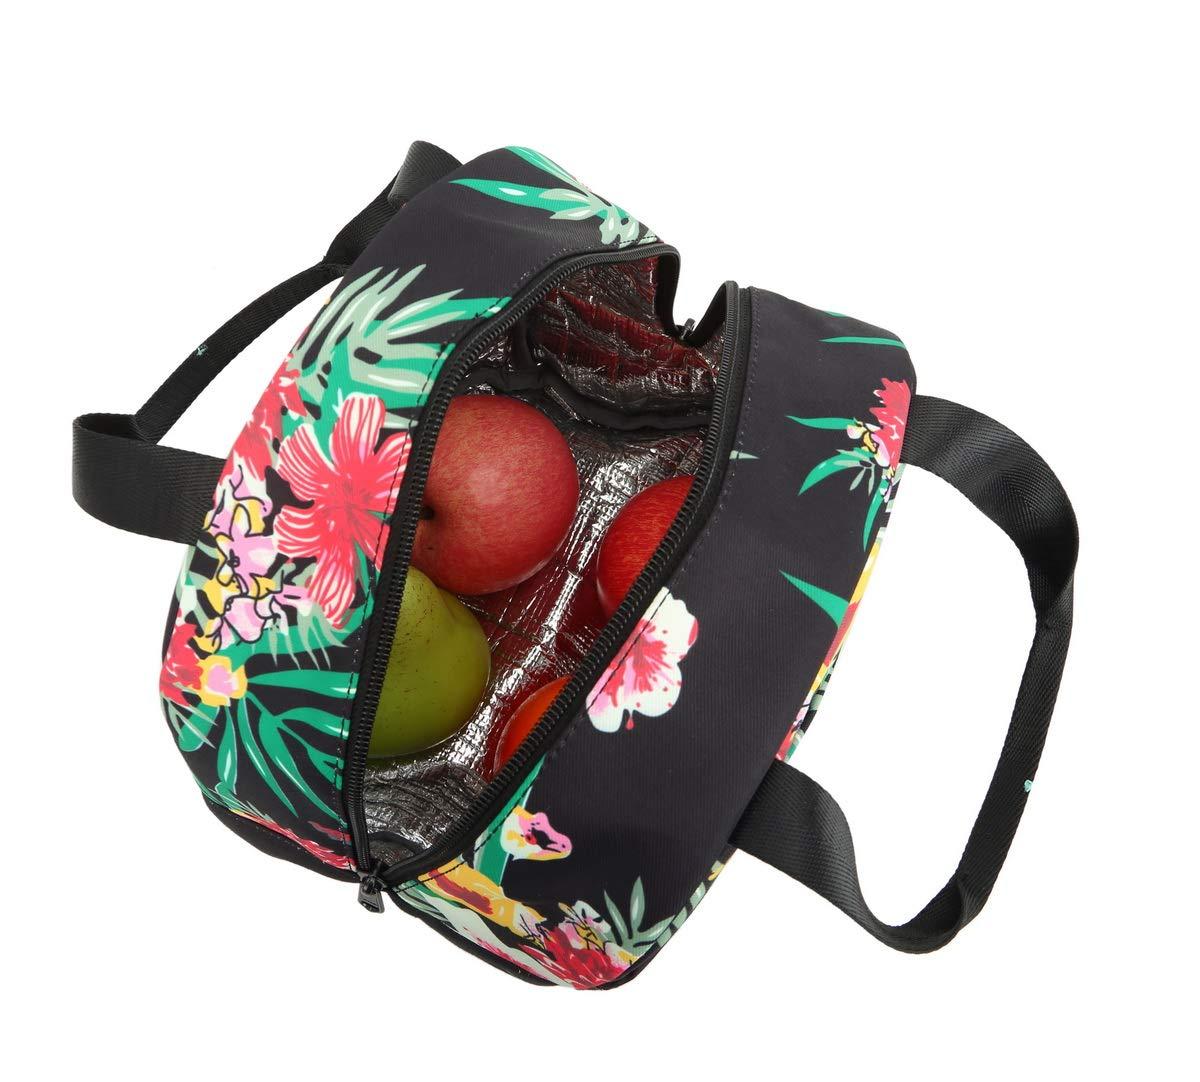 Acmebon Mochila Escolar Resistente al Agua para Ni/ñas Adolescentes Conjunto de Mochila con Bolsa de Almuerzo y Estuche Flor Rosa